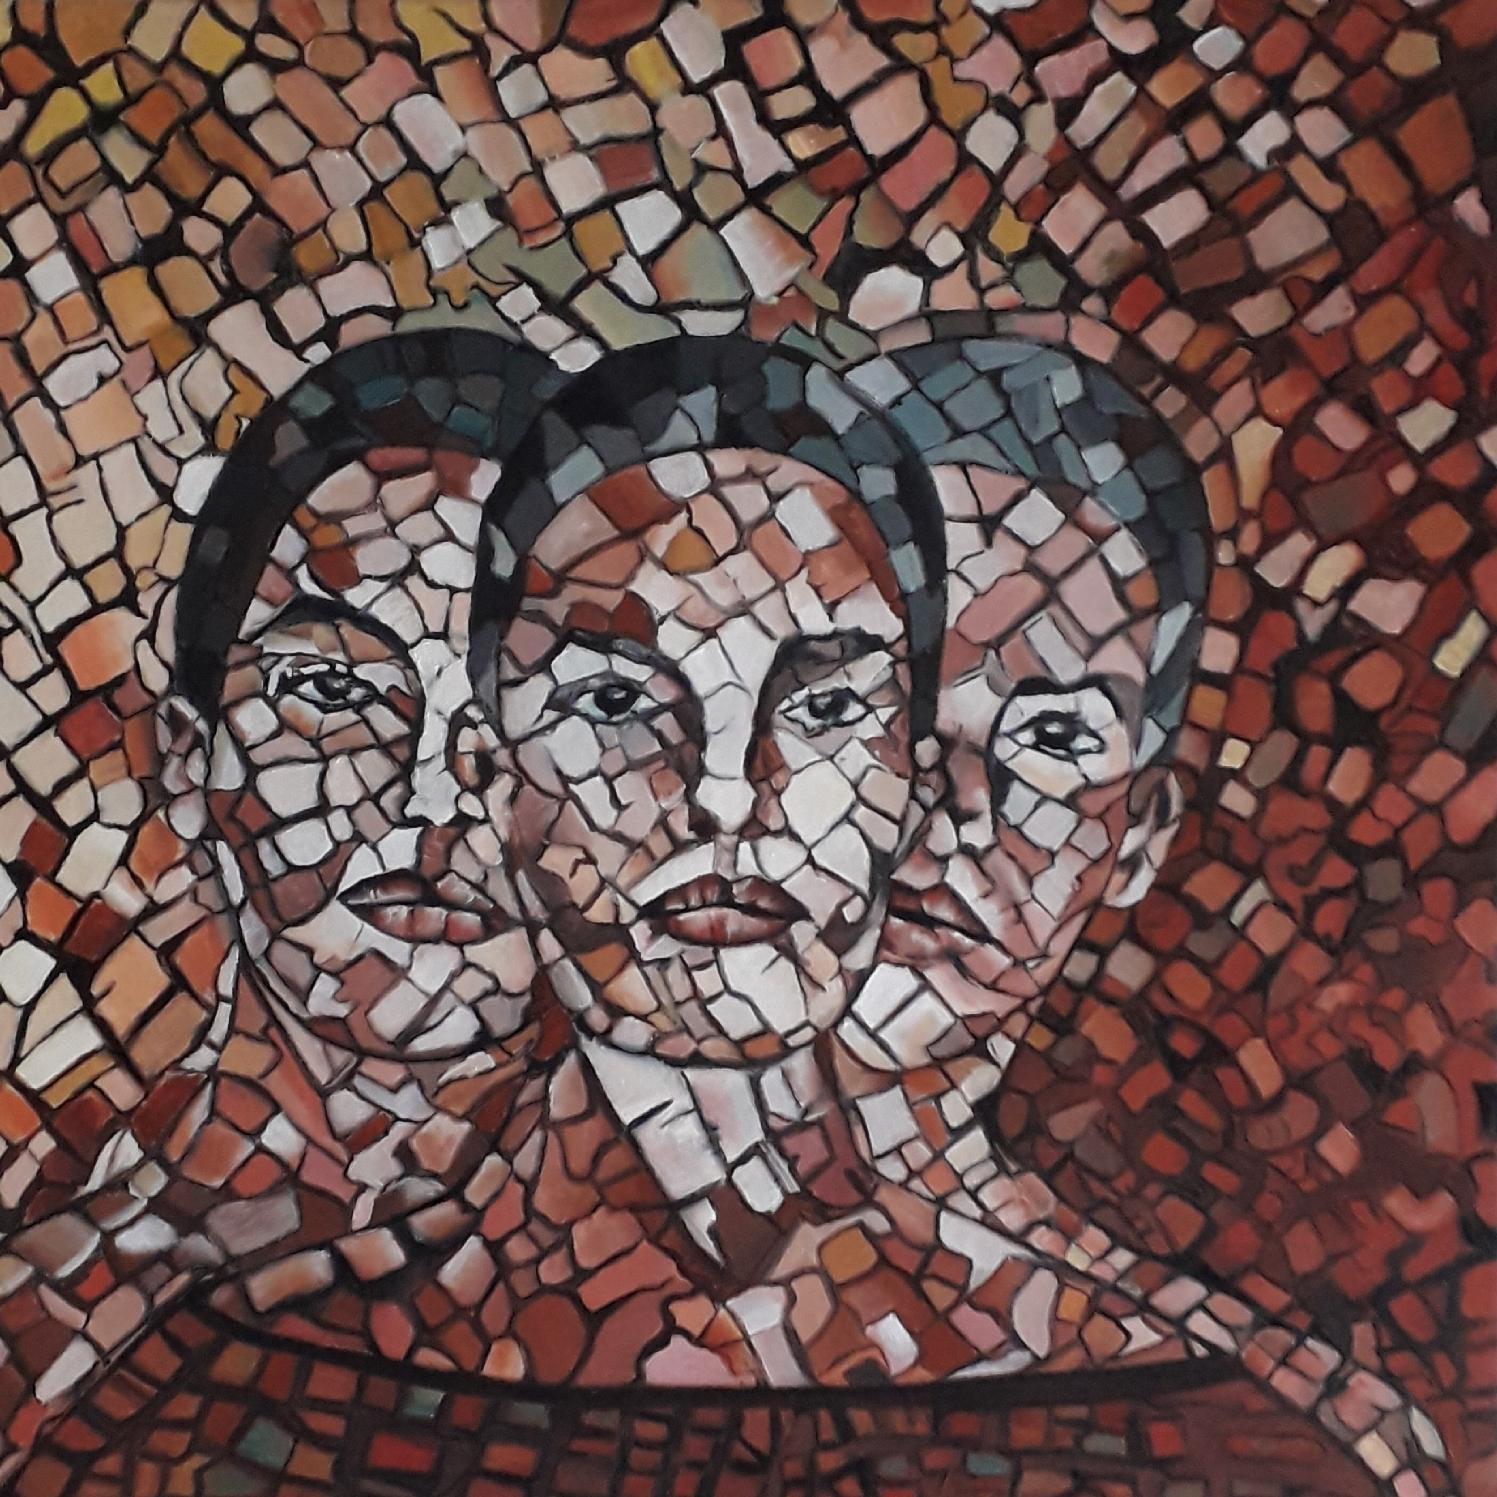 La coscienza, dipinto di Rosanna Romano / Roro